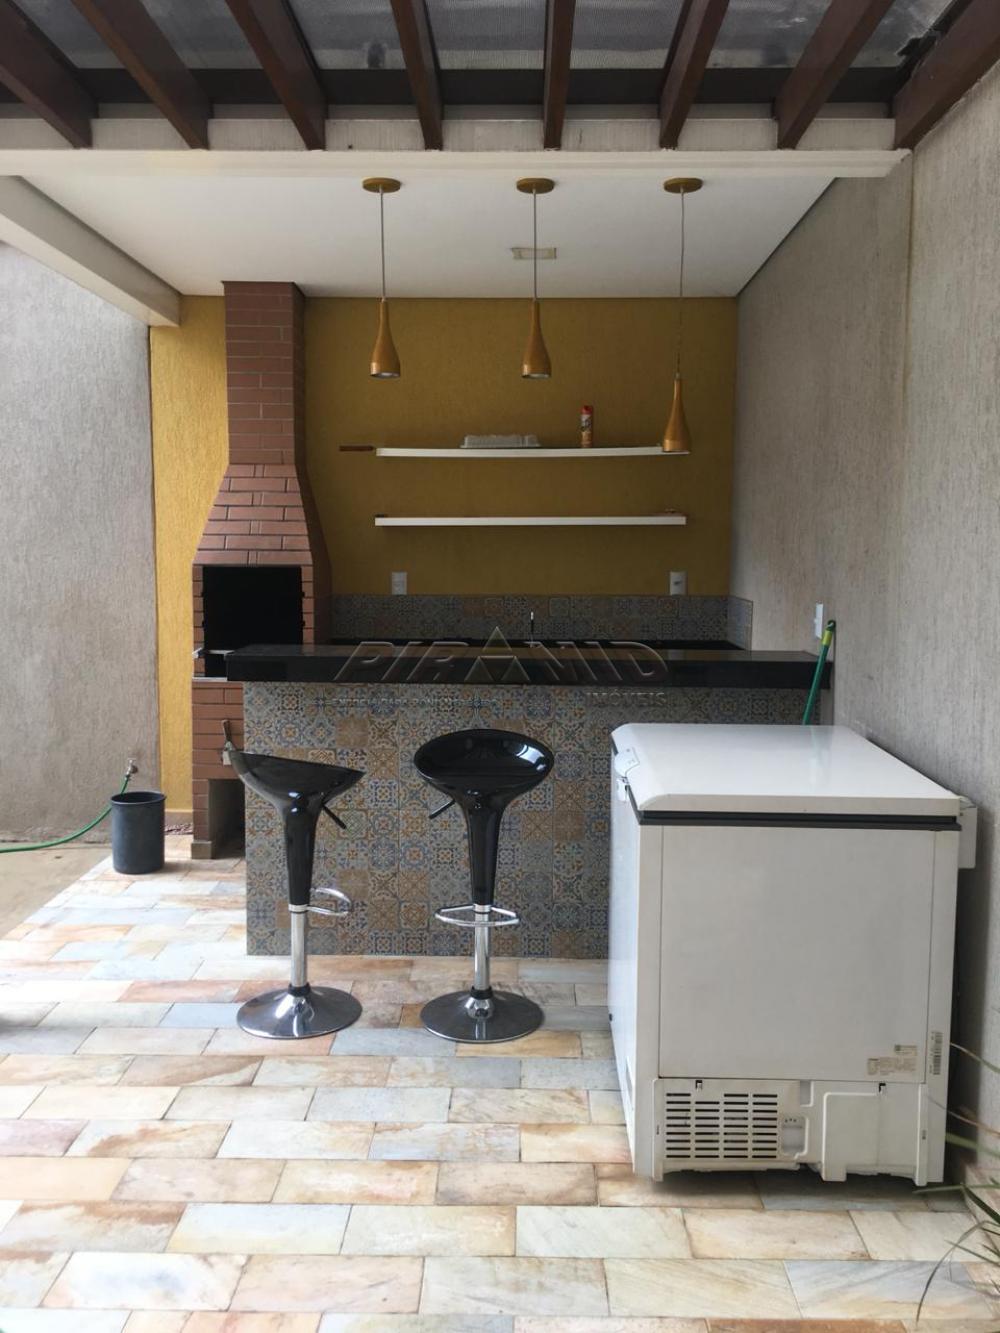 Comprar Apartamento / Padrão em Ribeirão Preto R$ 225.000,00 - Foto 20